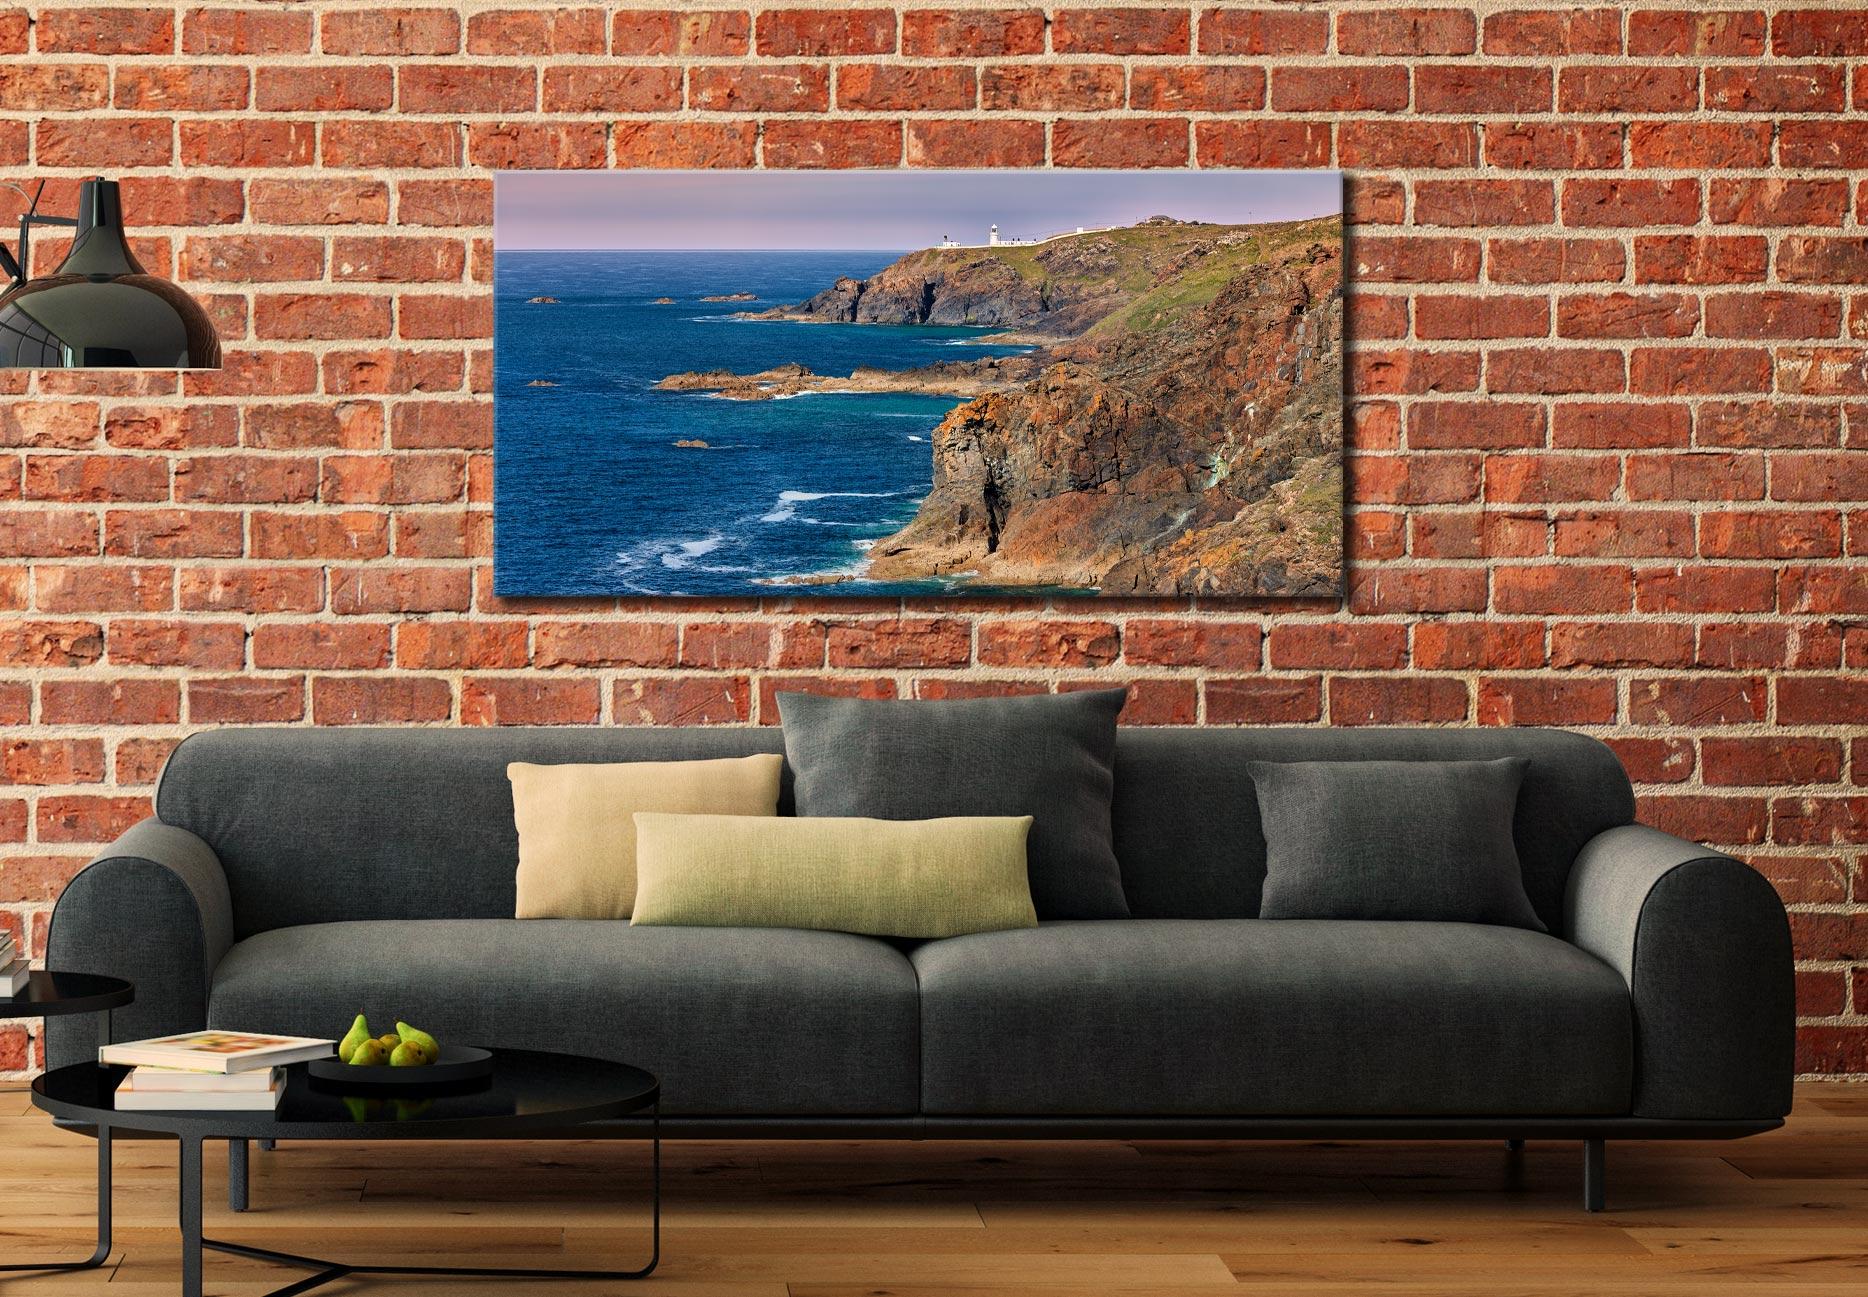 Pendeen Lighthouse Cliffs - Canvas Print on Wall